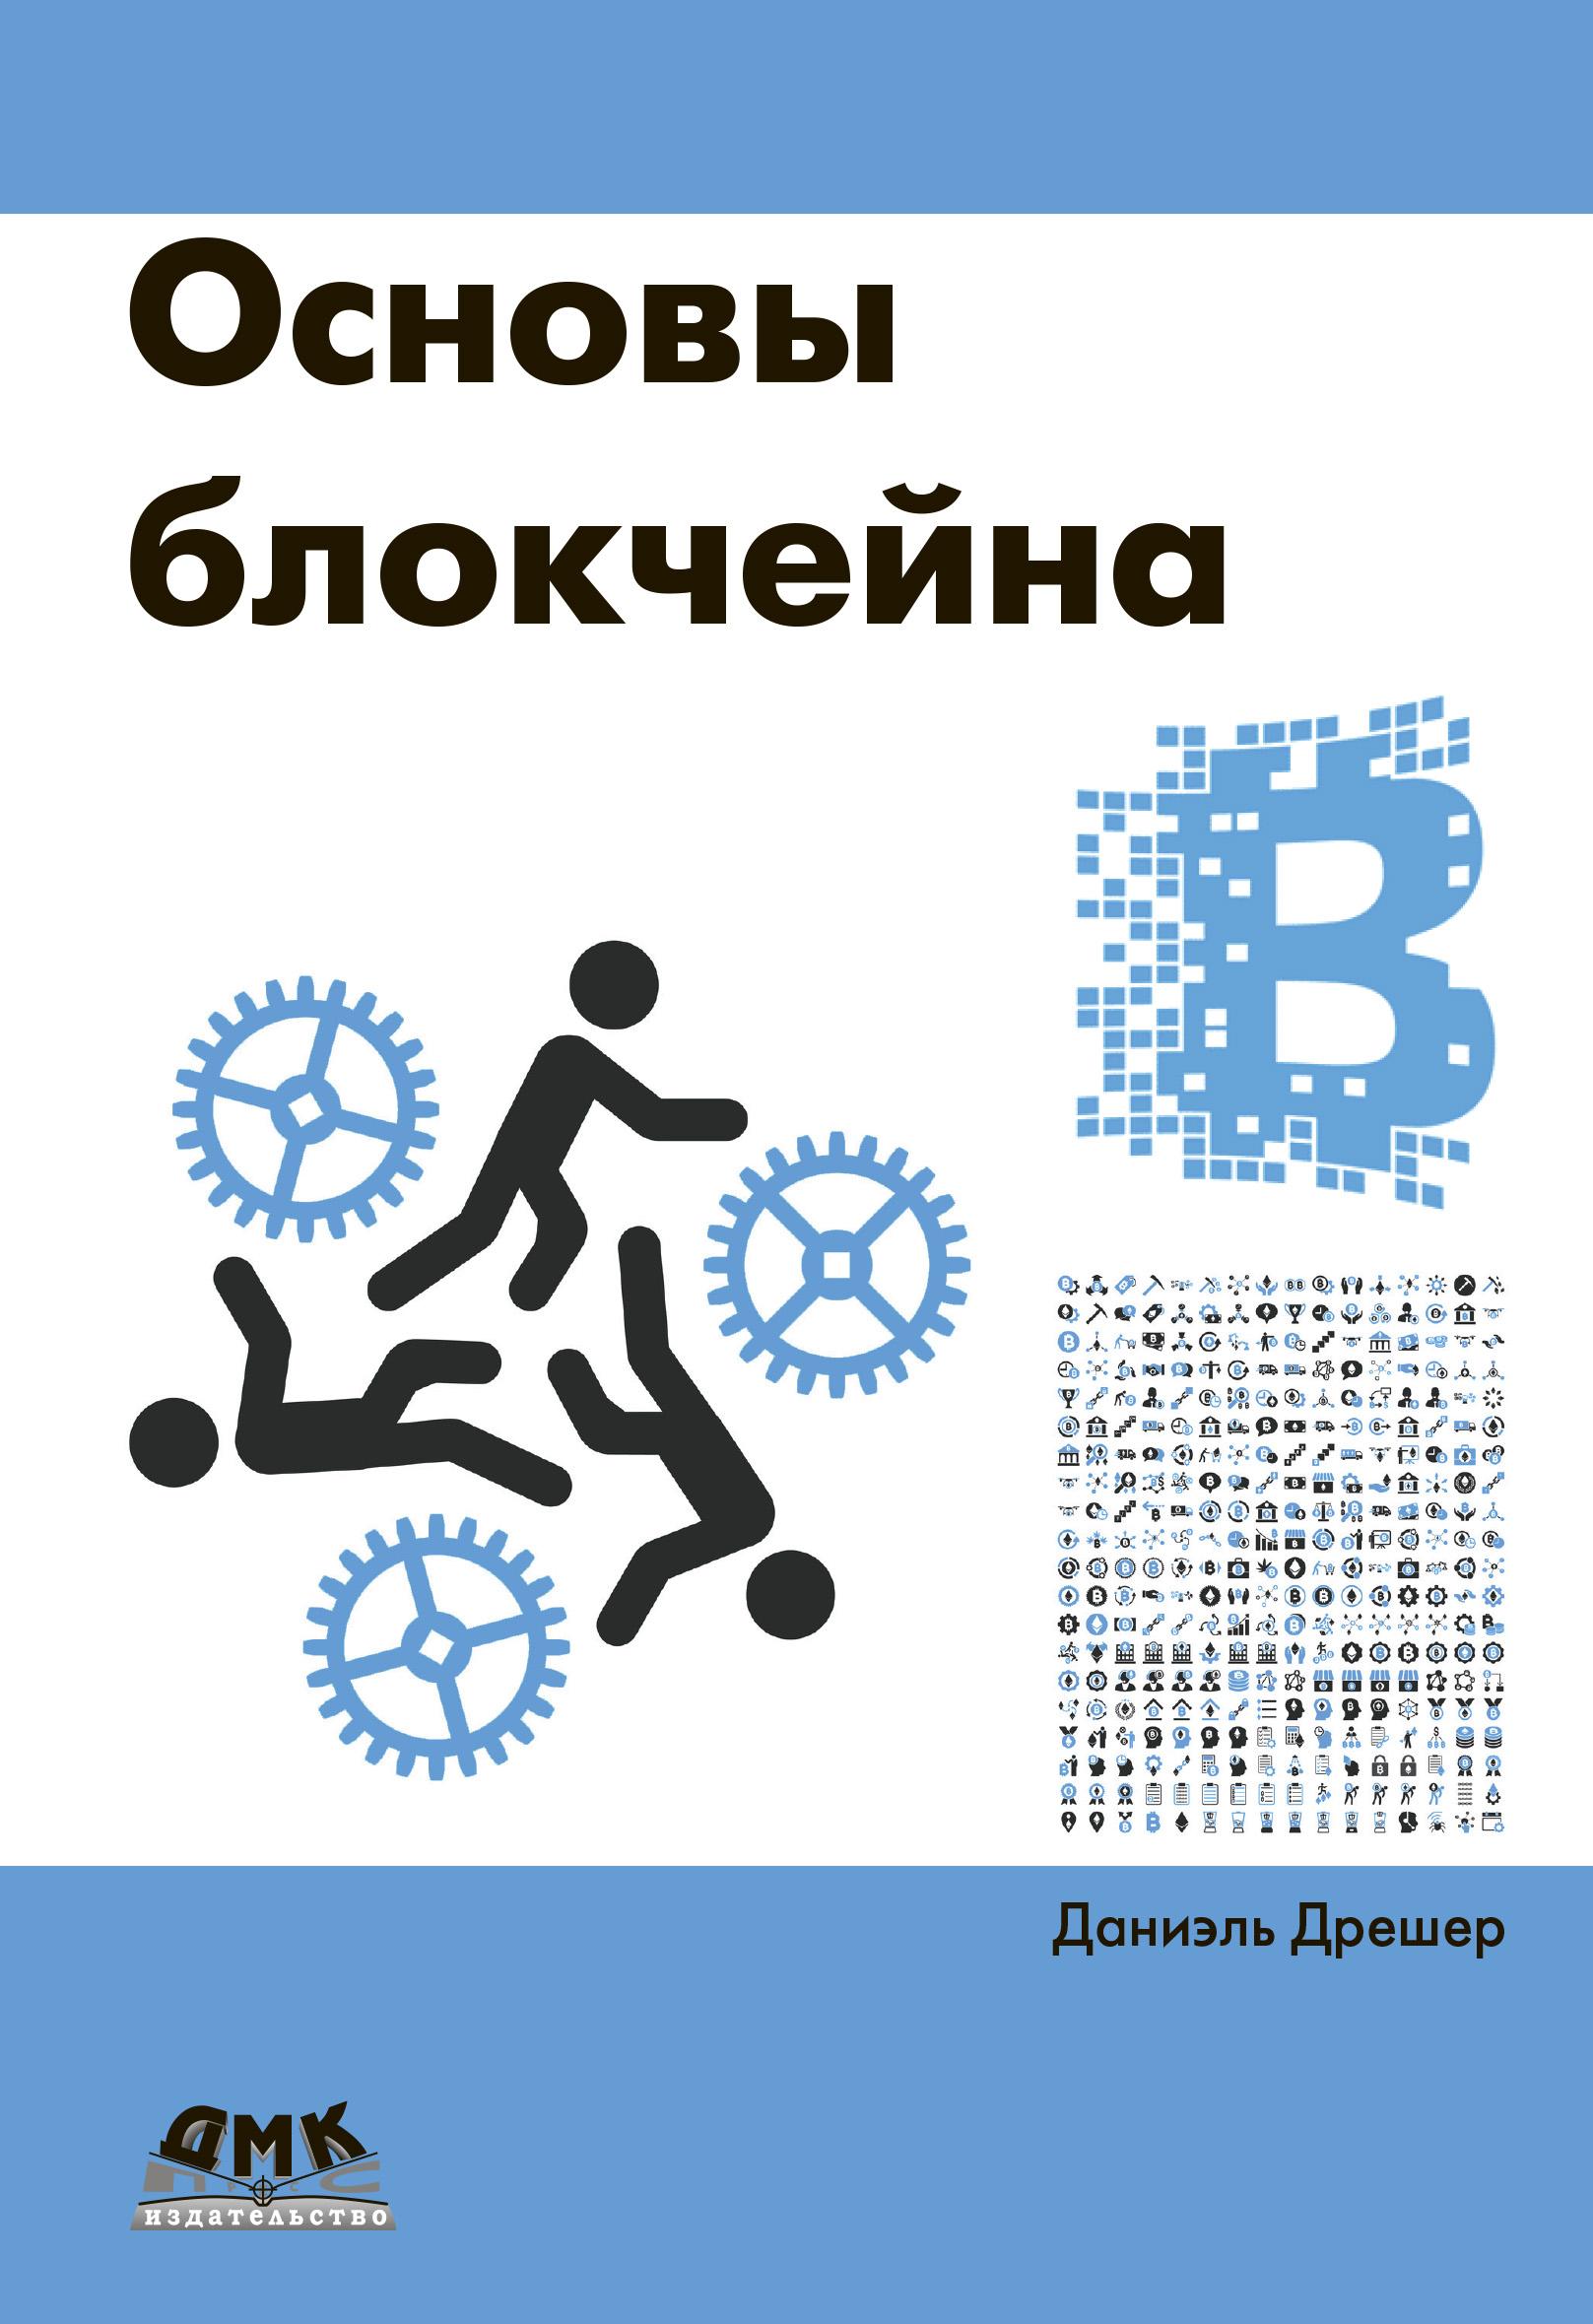 Обложка книги Основы блокчейна: вводный курс для начинающих в 25 небольших главах